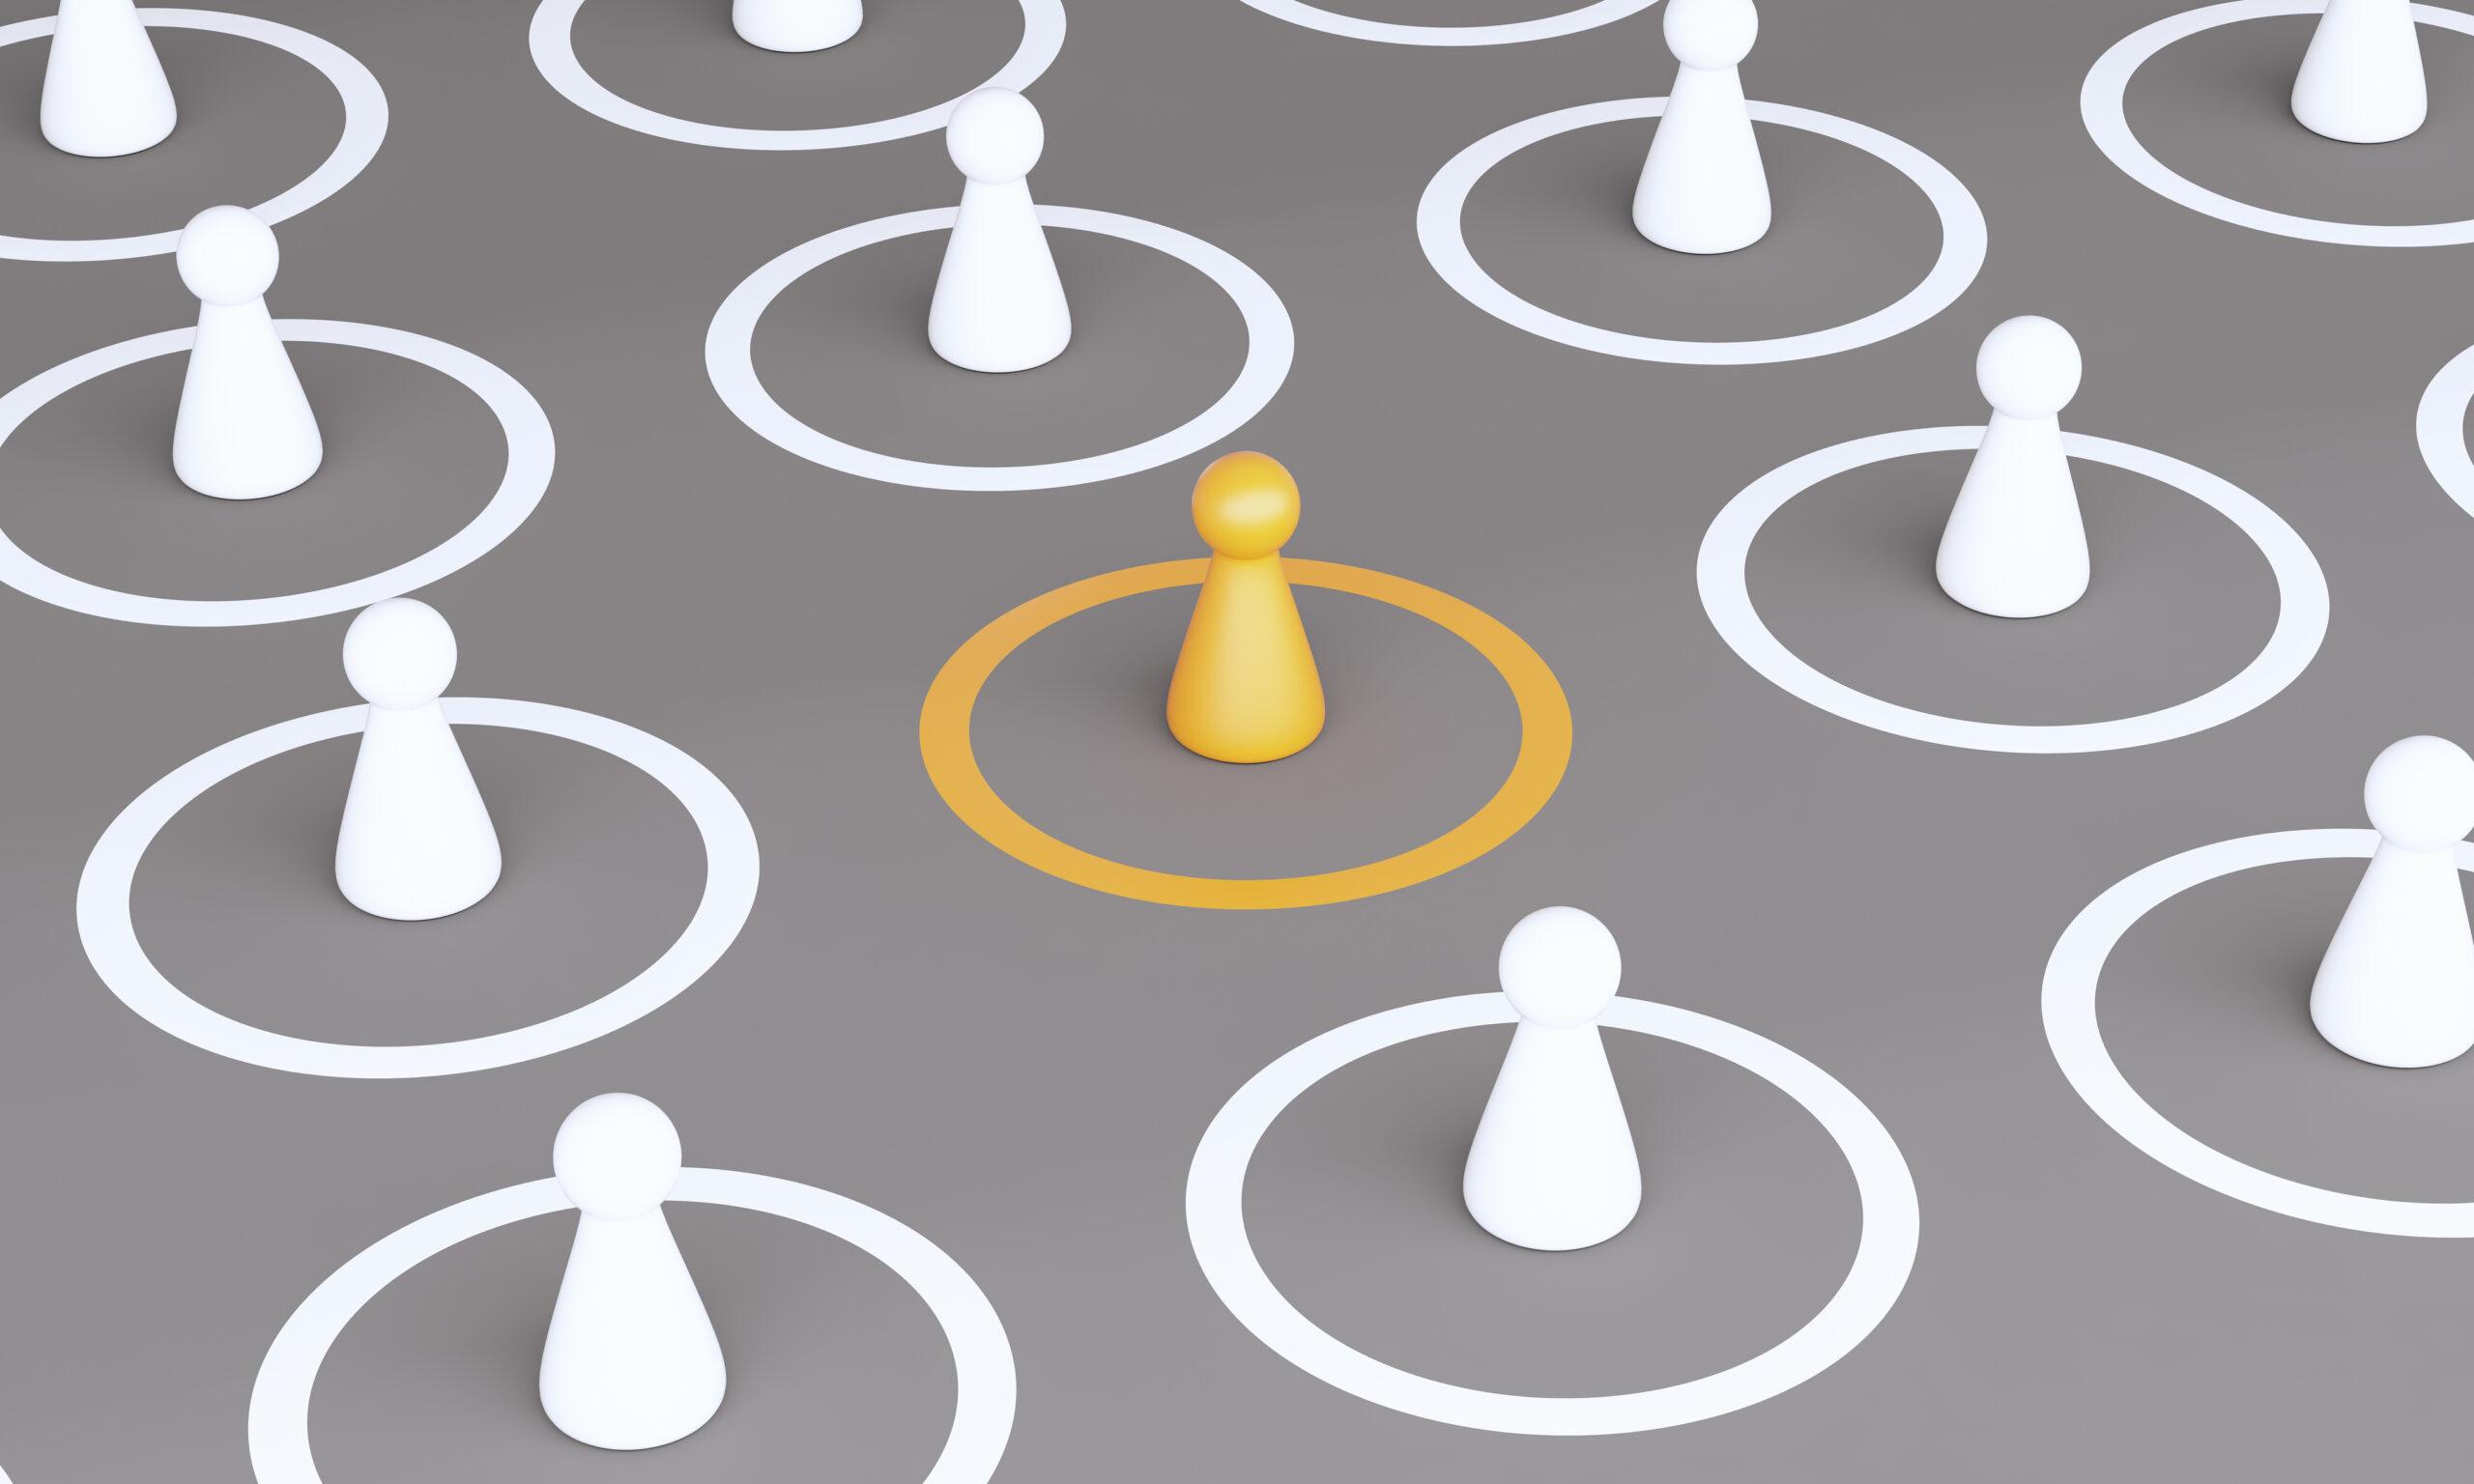 People Analytics: Zukunftsmotor oder Ethikbremse?